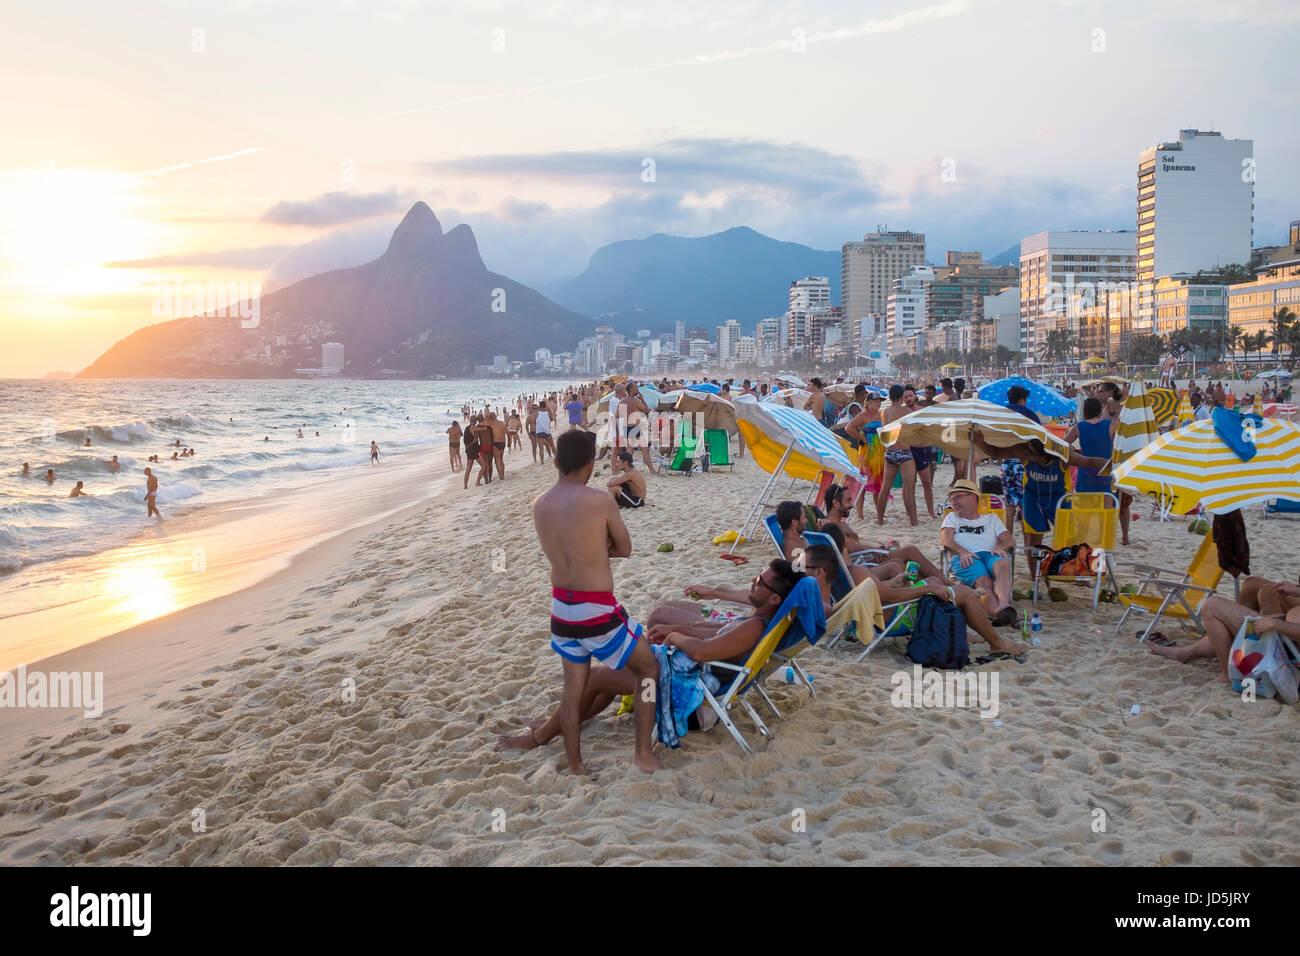 Río de Janeiro - Enero 27, 2017: de la playa de Ipanema Beachgoers sentarse a tomar en la puesta de sol detrás Imagen De Stock